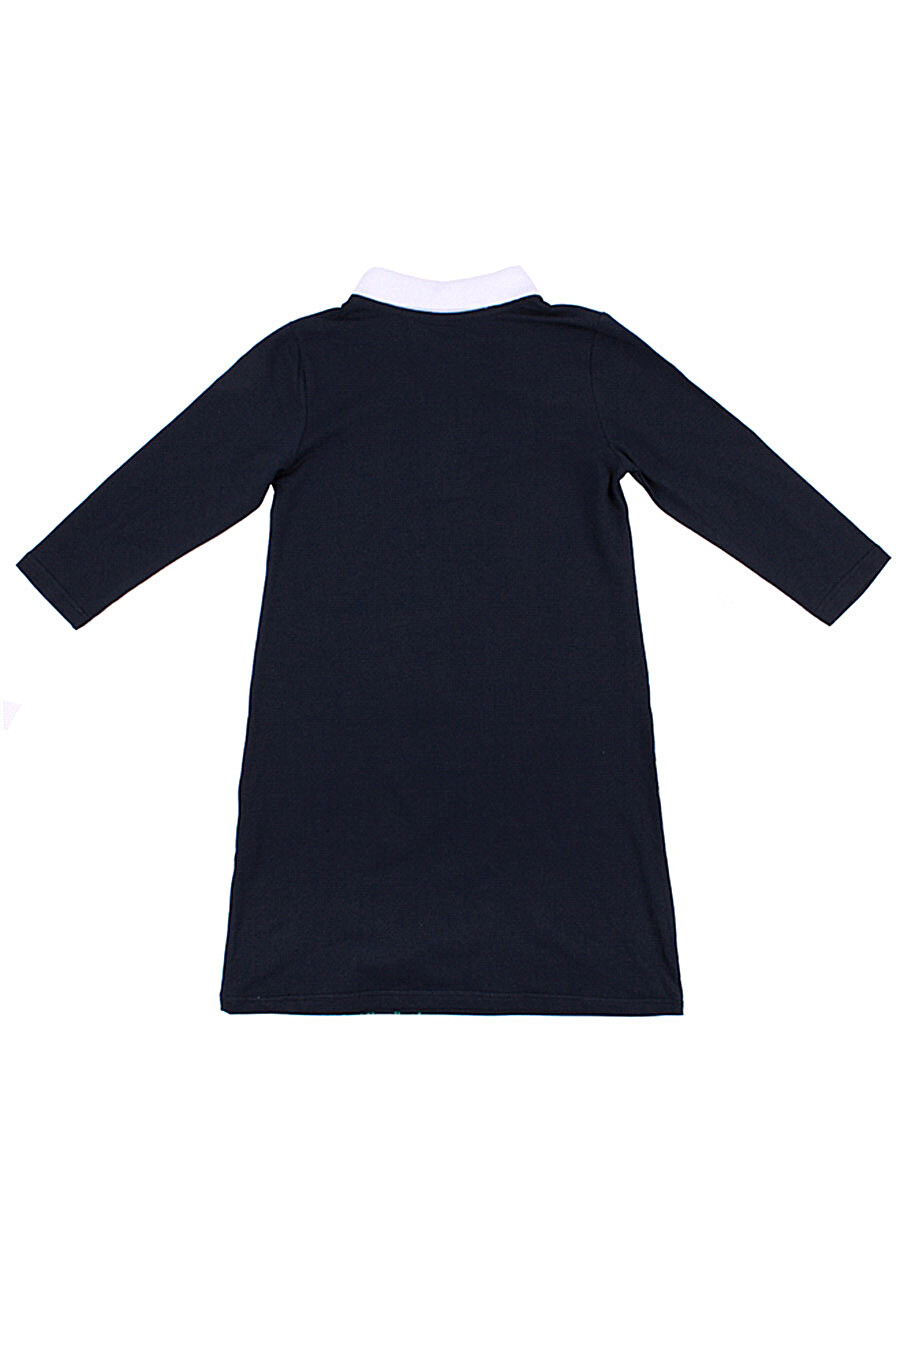 Платье для девочек Archi 131026 купить оптом от производителя. Совместная покупка детской одежды в OptMoyo